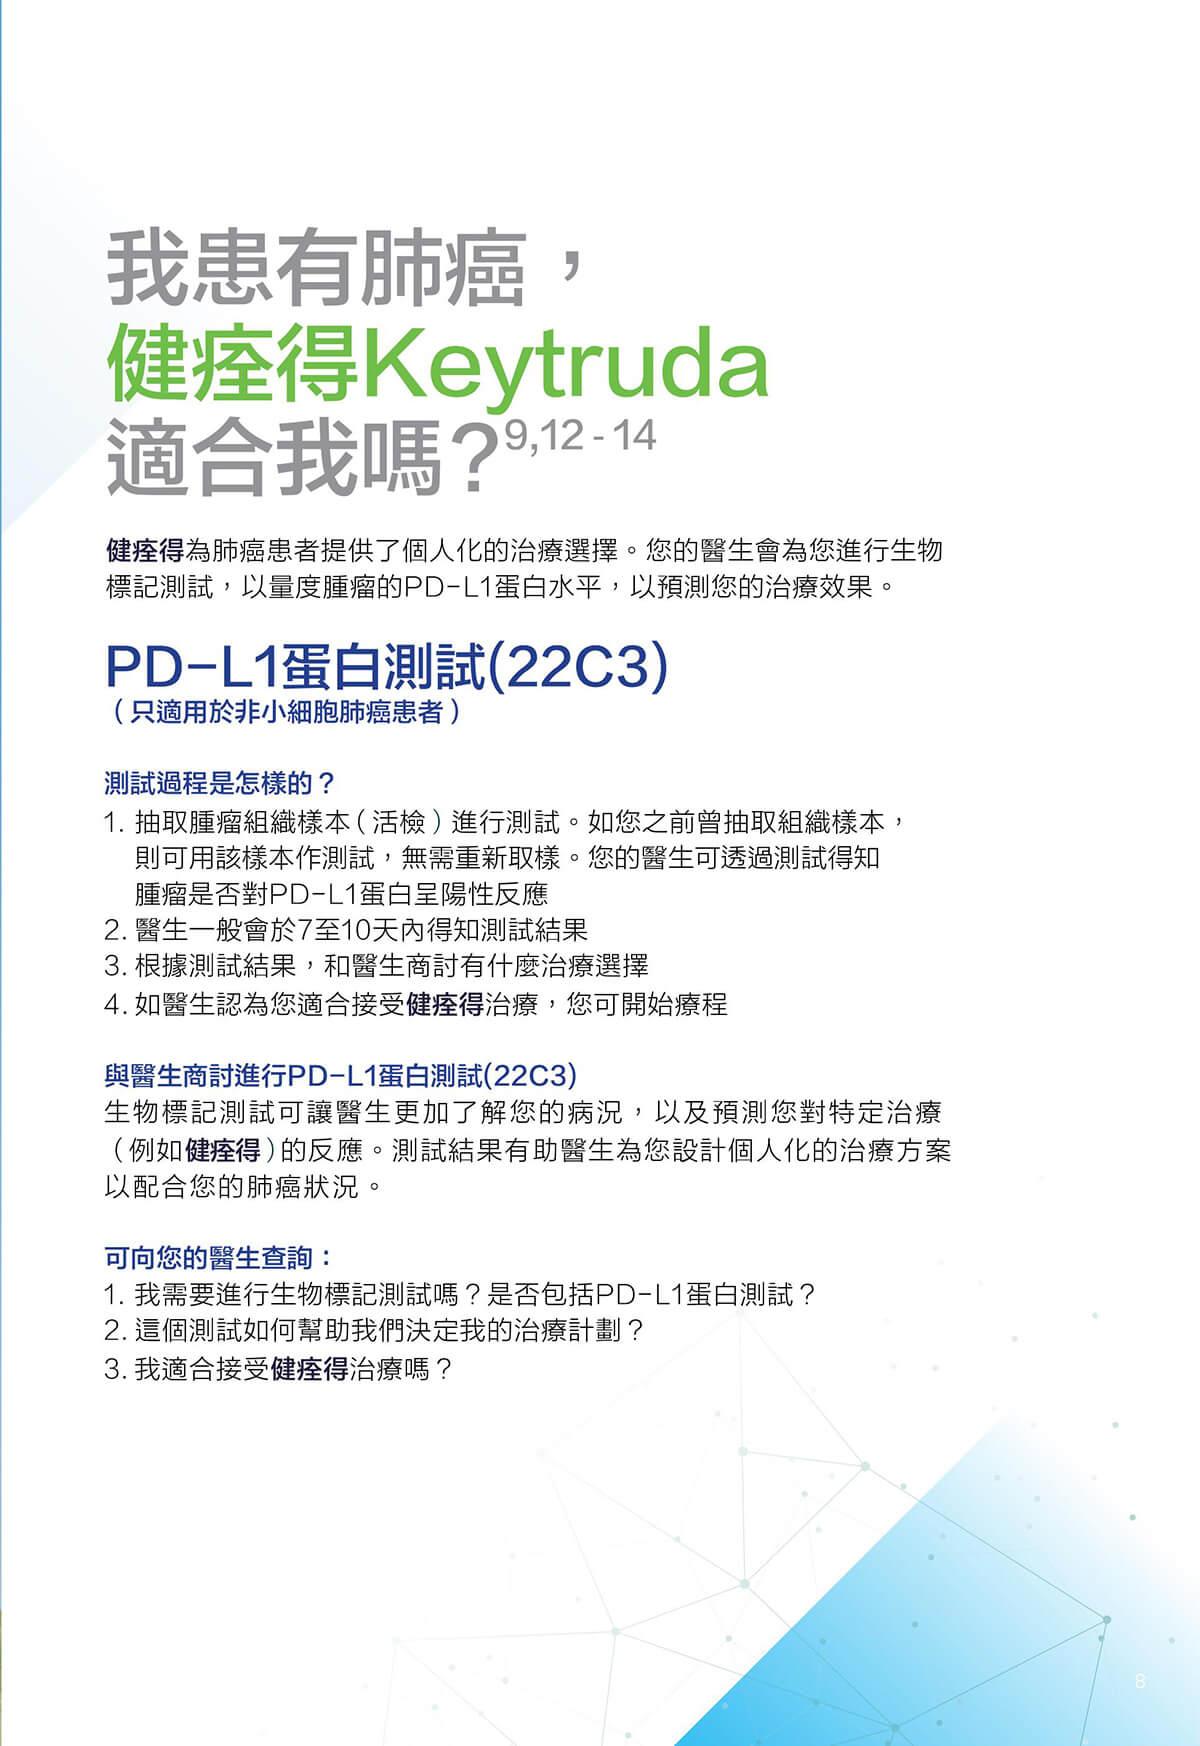 keytruda8.jpg